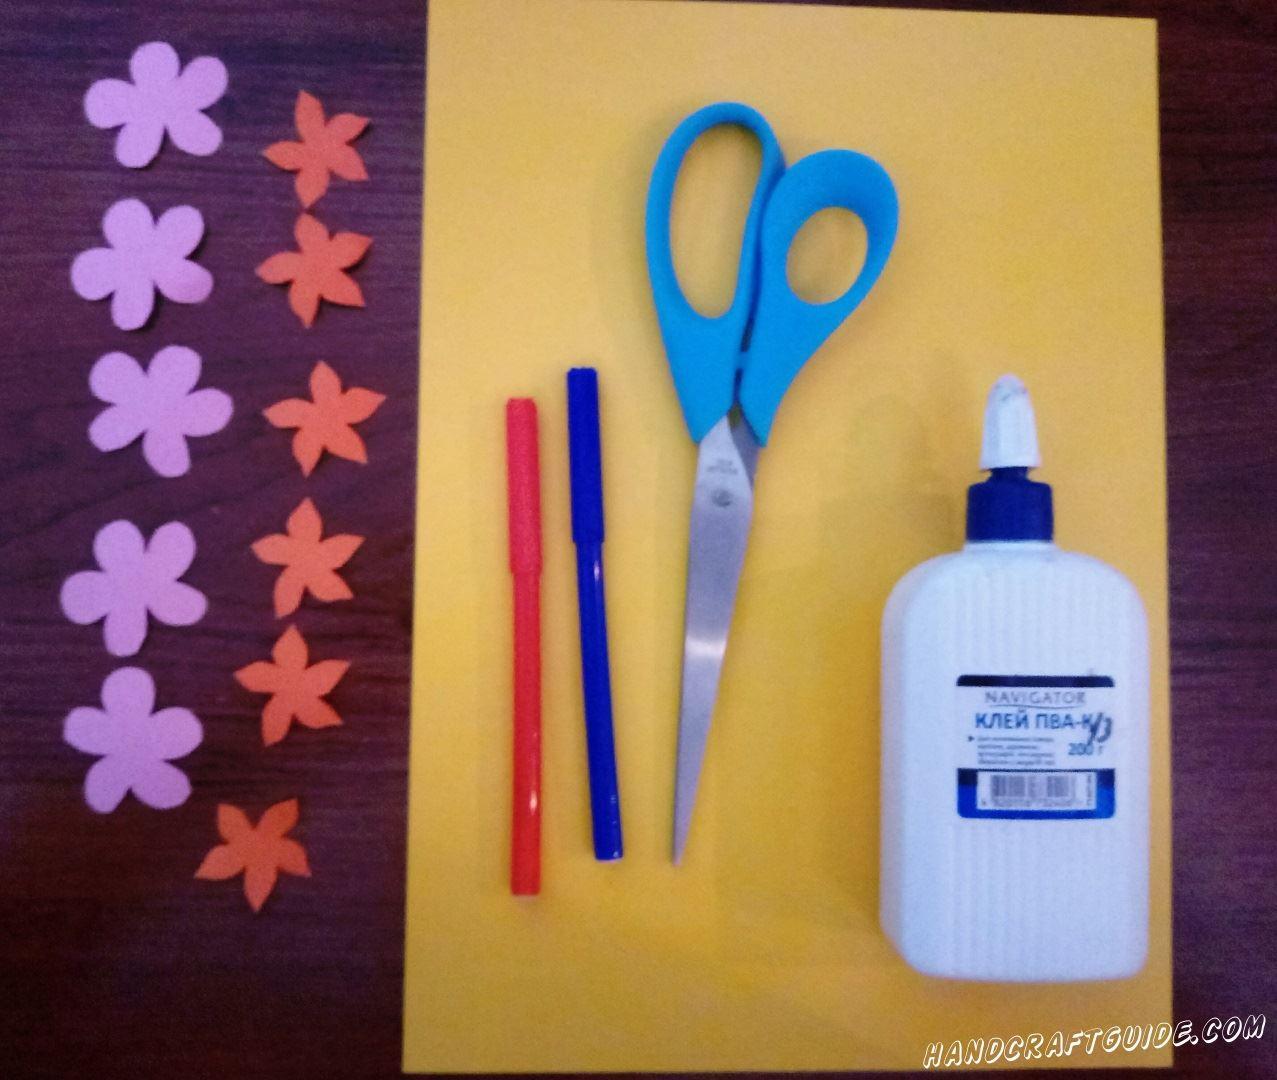 Из сиреневой полоски, вырезаем 5 маленьких одинаковых цветочков Затем берем оранжевую полоску и вырезаем 6 цветочков немного другой формы